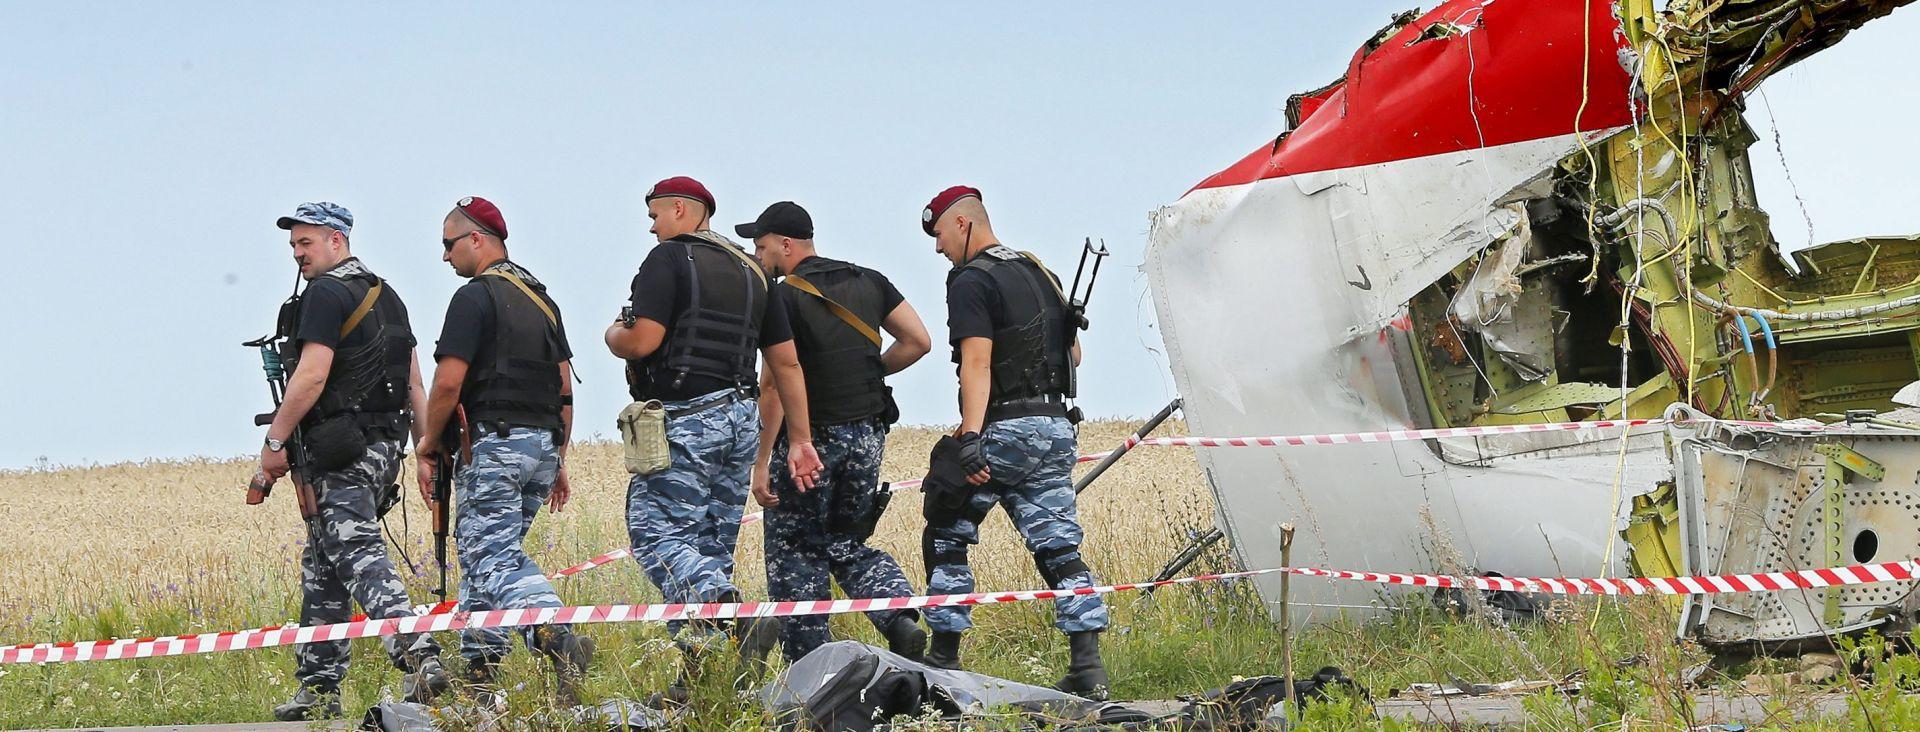 SMATRAJU PRISTRANIM: Moskva odbacuje zaključke međunarodne istrage o padu malezijskog aviona